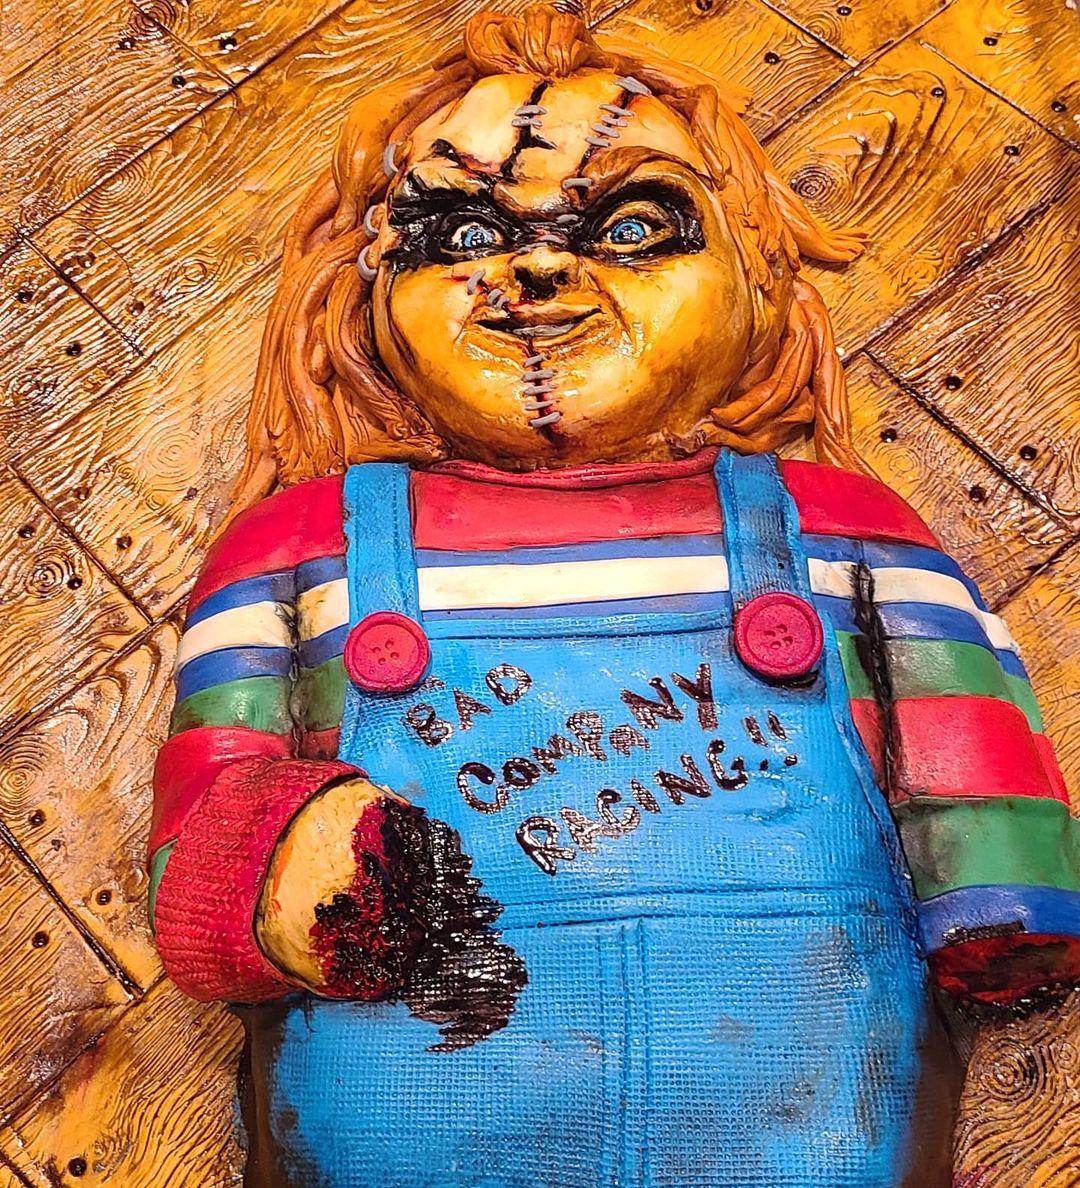 Brian Chucky Davis's birthday cake